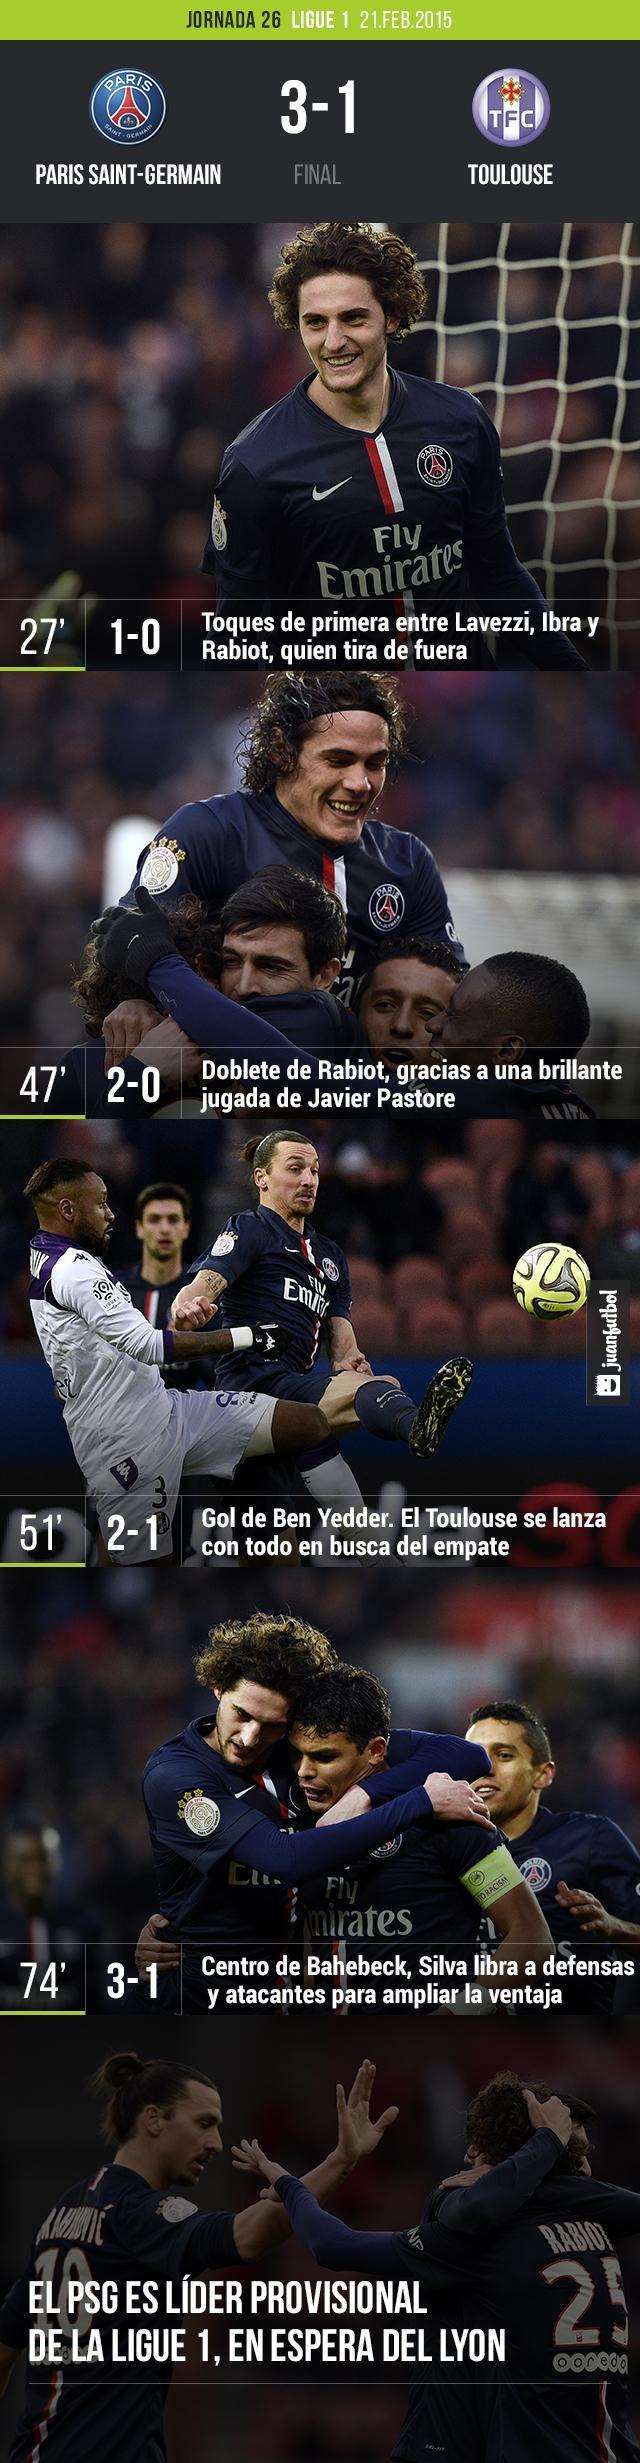 PSG vence 3-1 al Toulouse en la jornada 26 de la Ligue 1